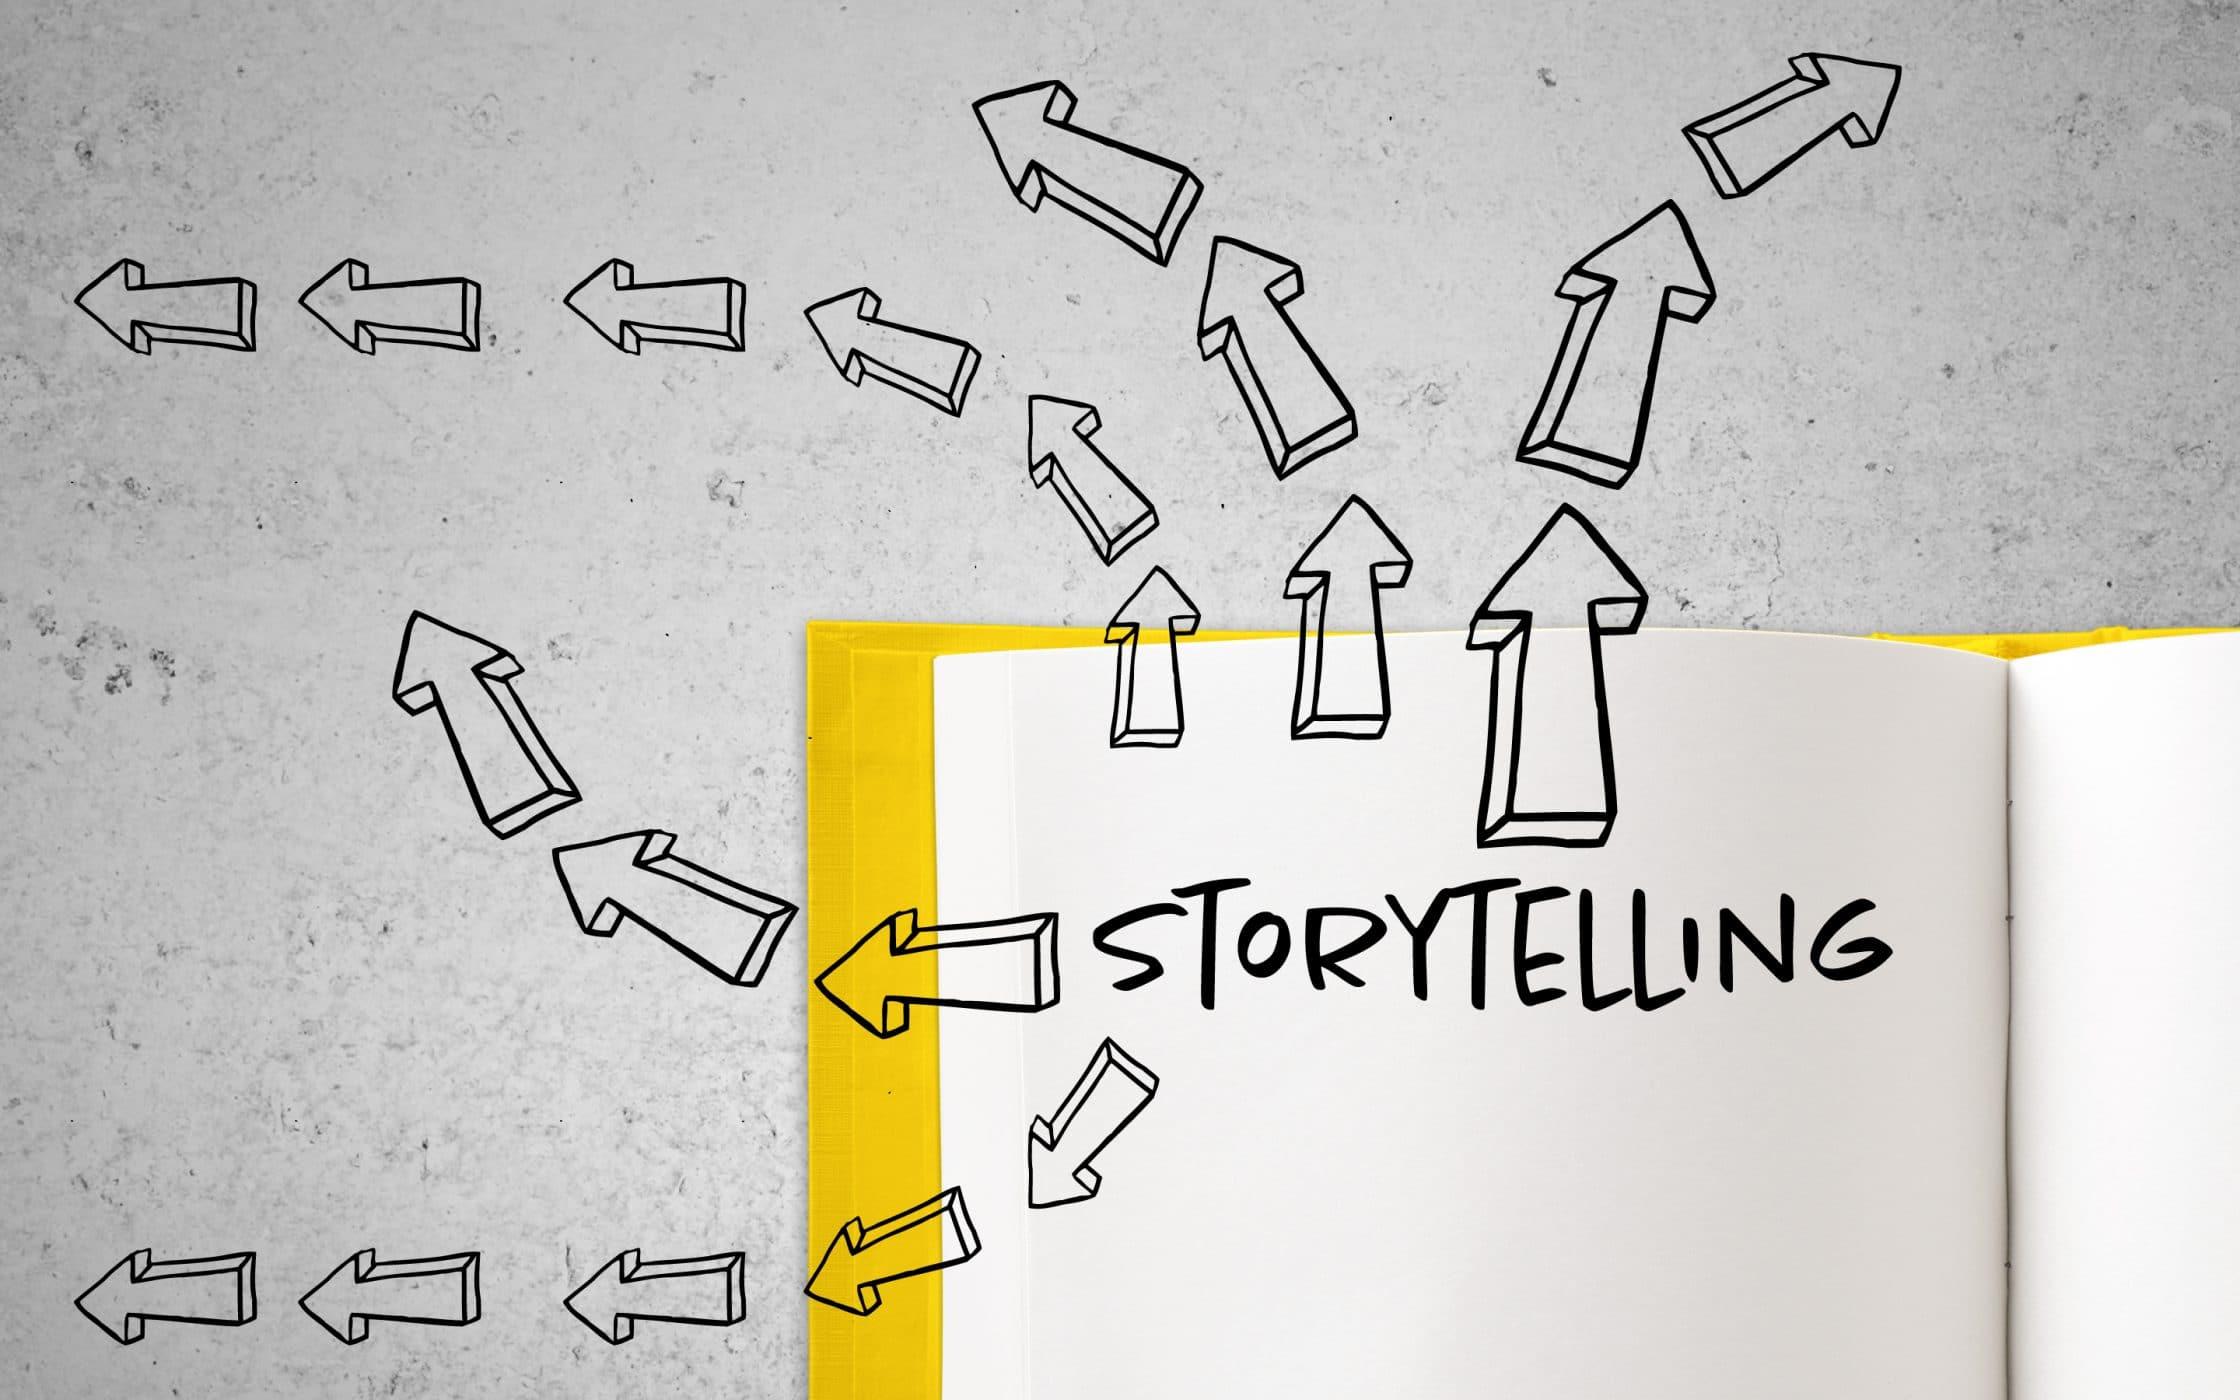 Сторителлинг в маркетинге: как наладить коммуникацию с потребителем